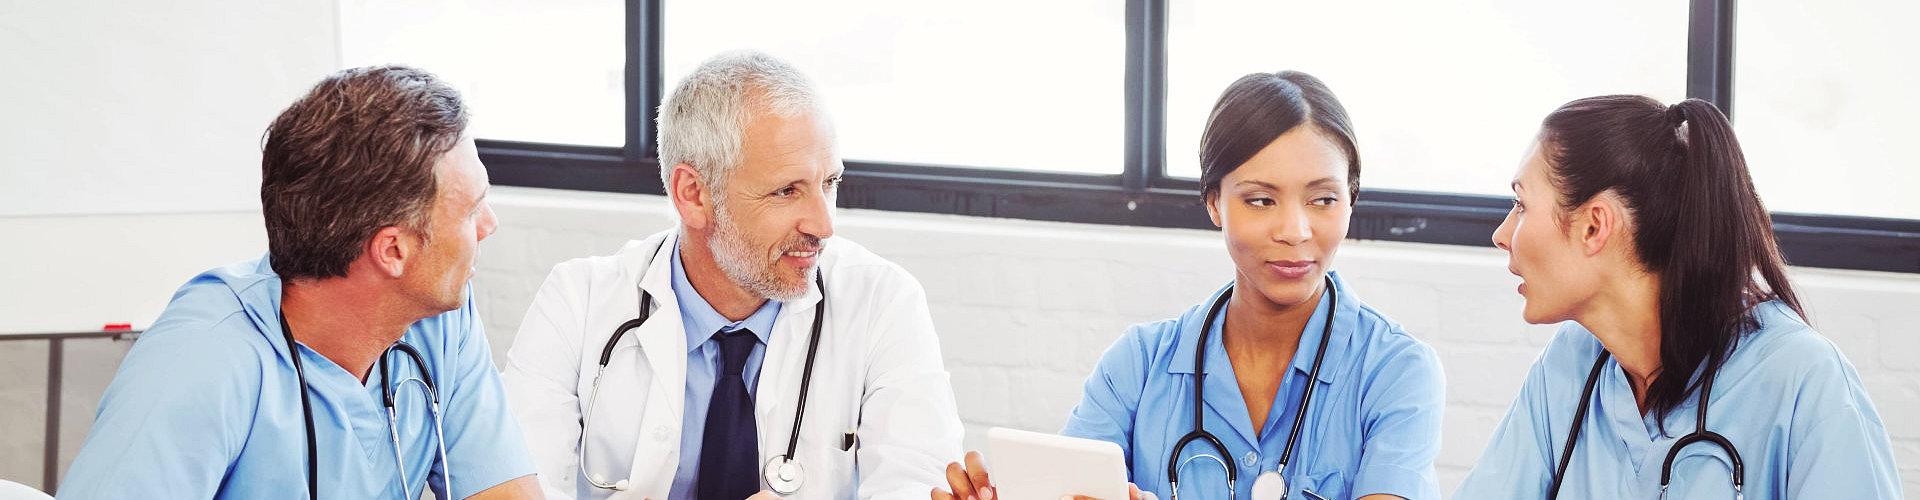 doctors doing meeting